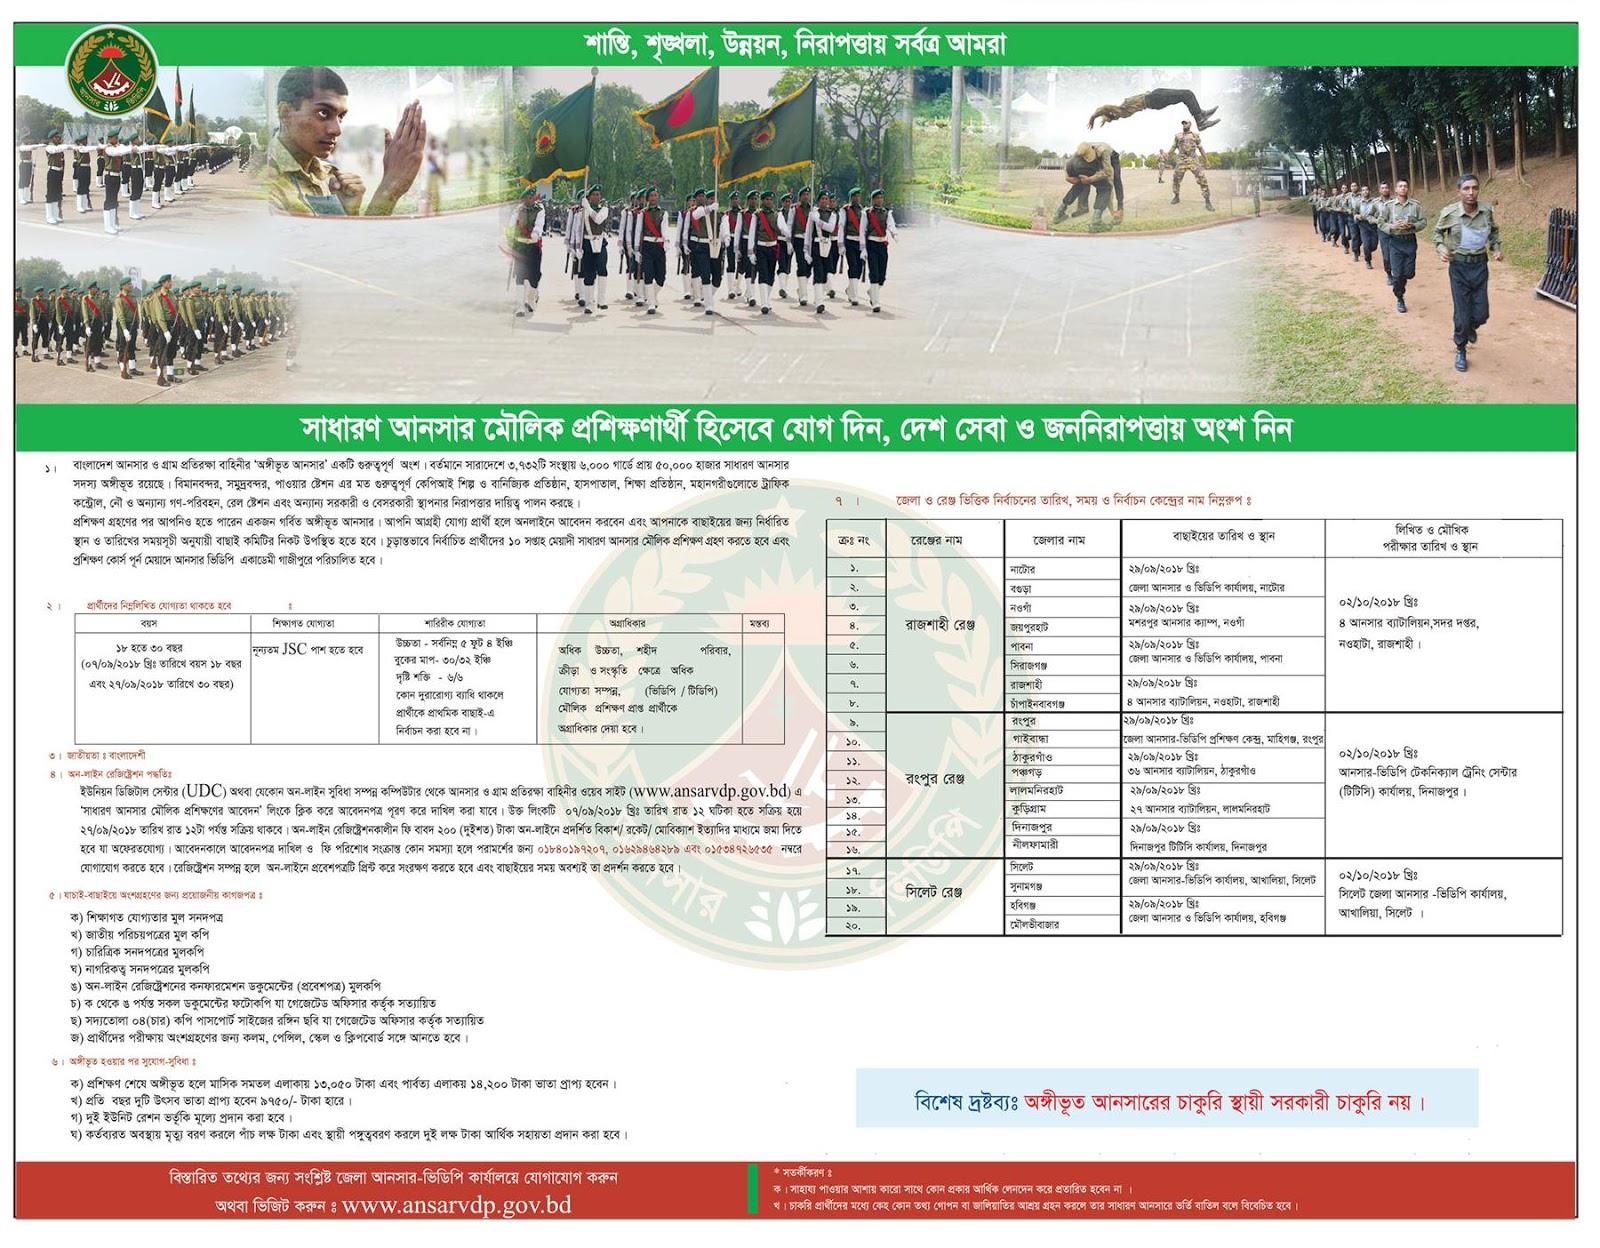 Bangladesh Ansar VDP Recruitment Circular 2018